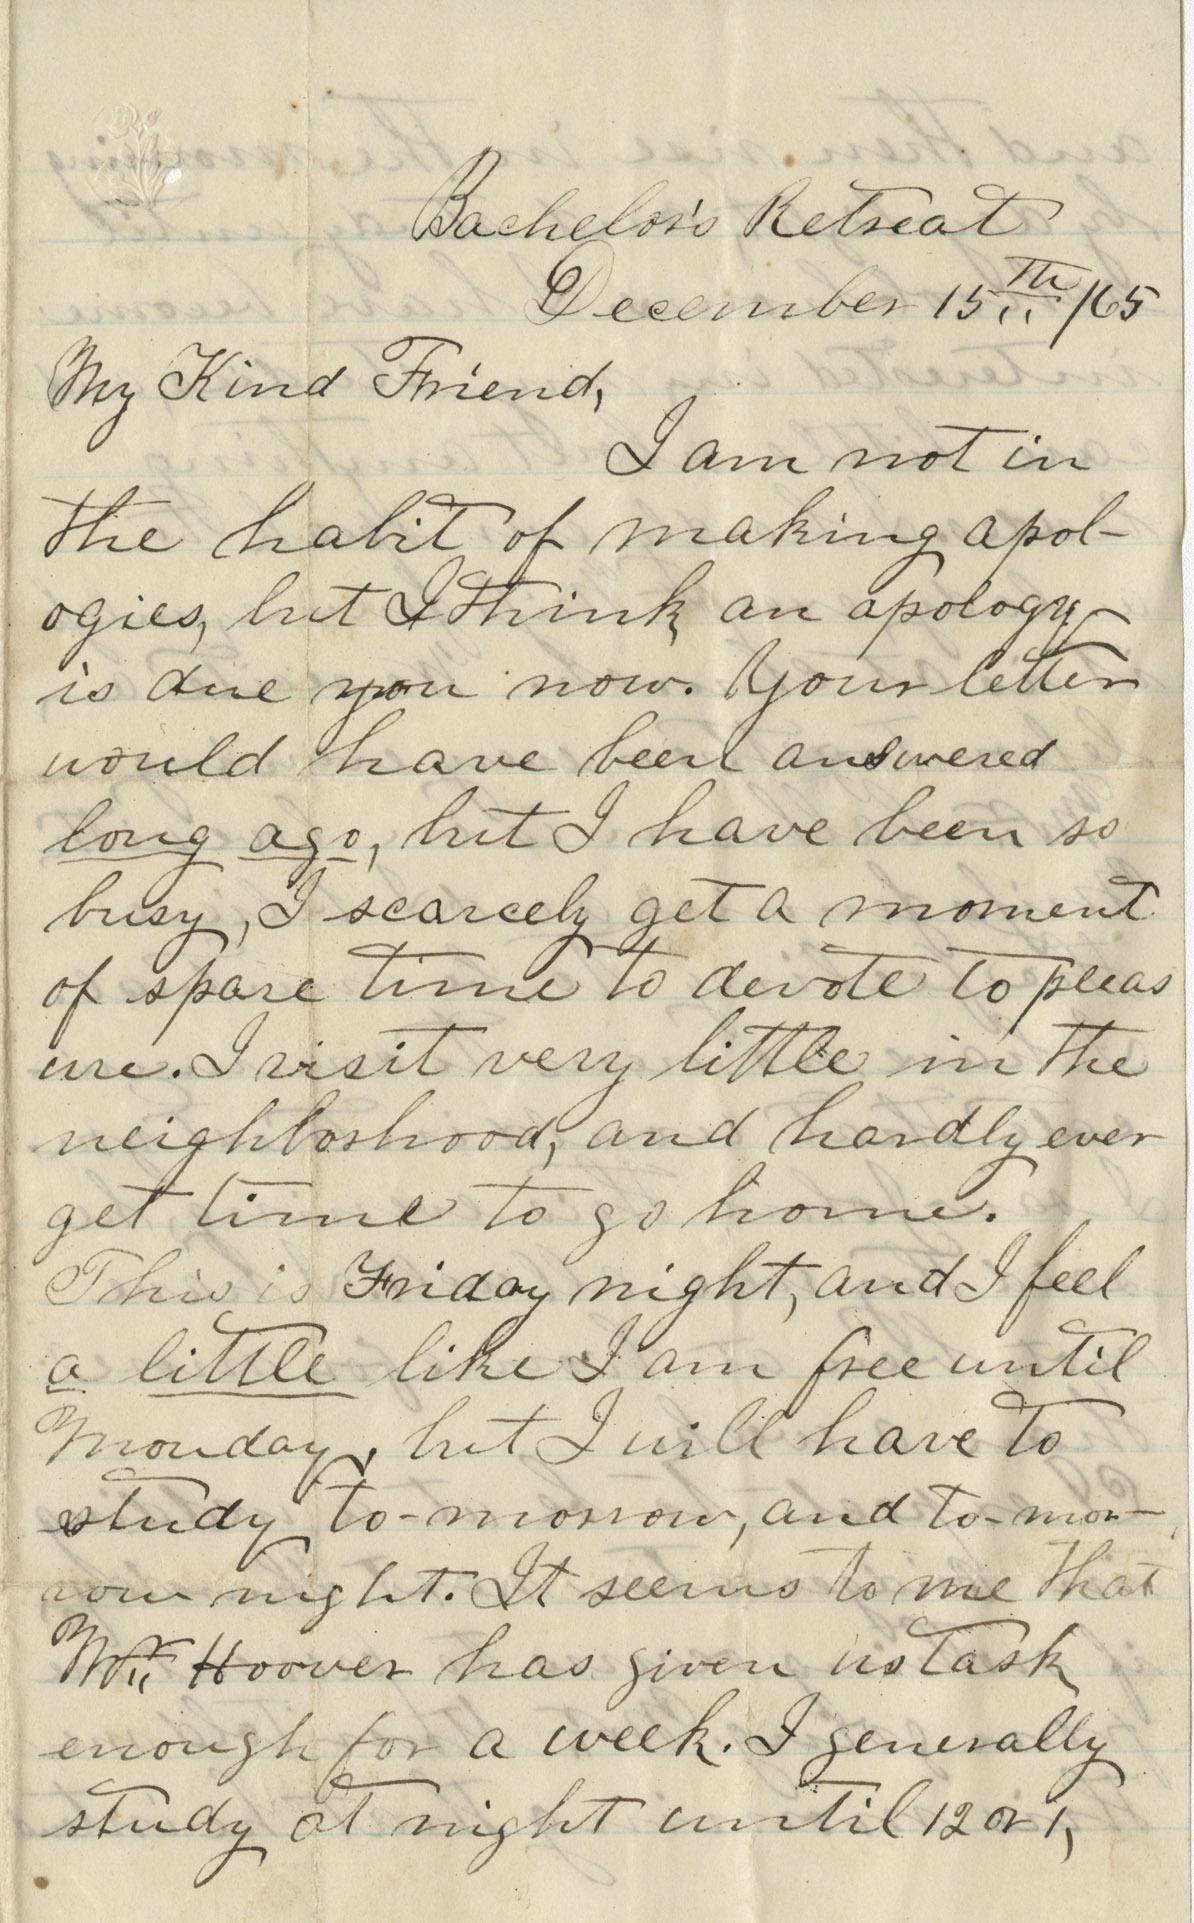 Ms2016_013_HeizerJames_Letter_1865_1215a.jpg